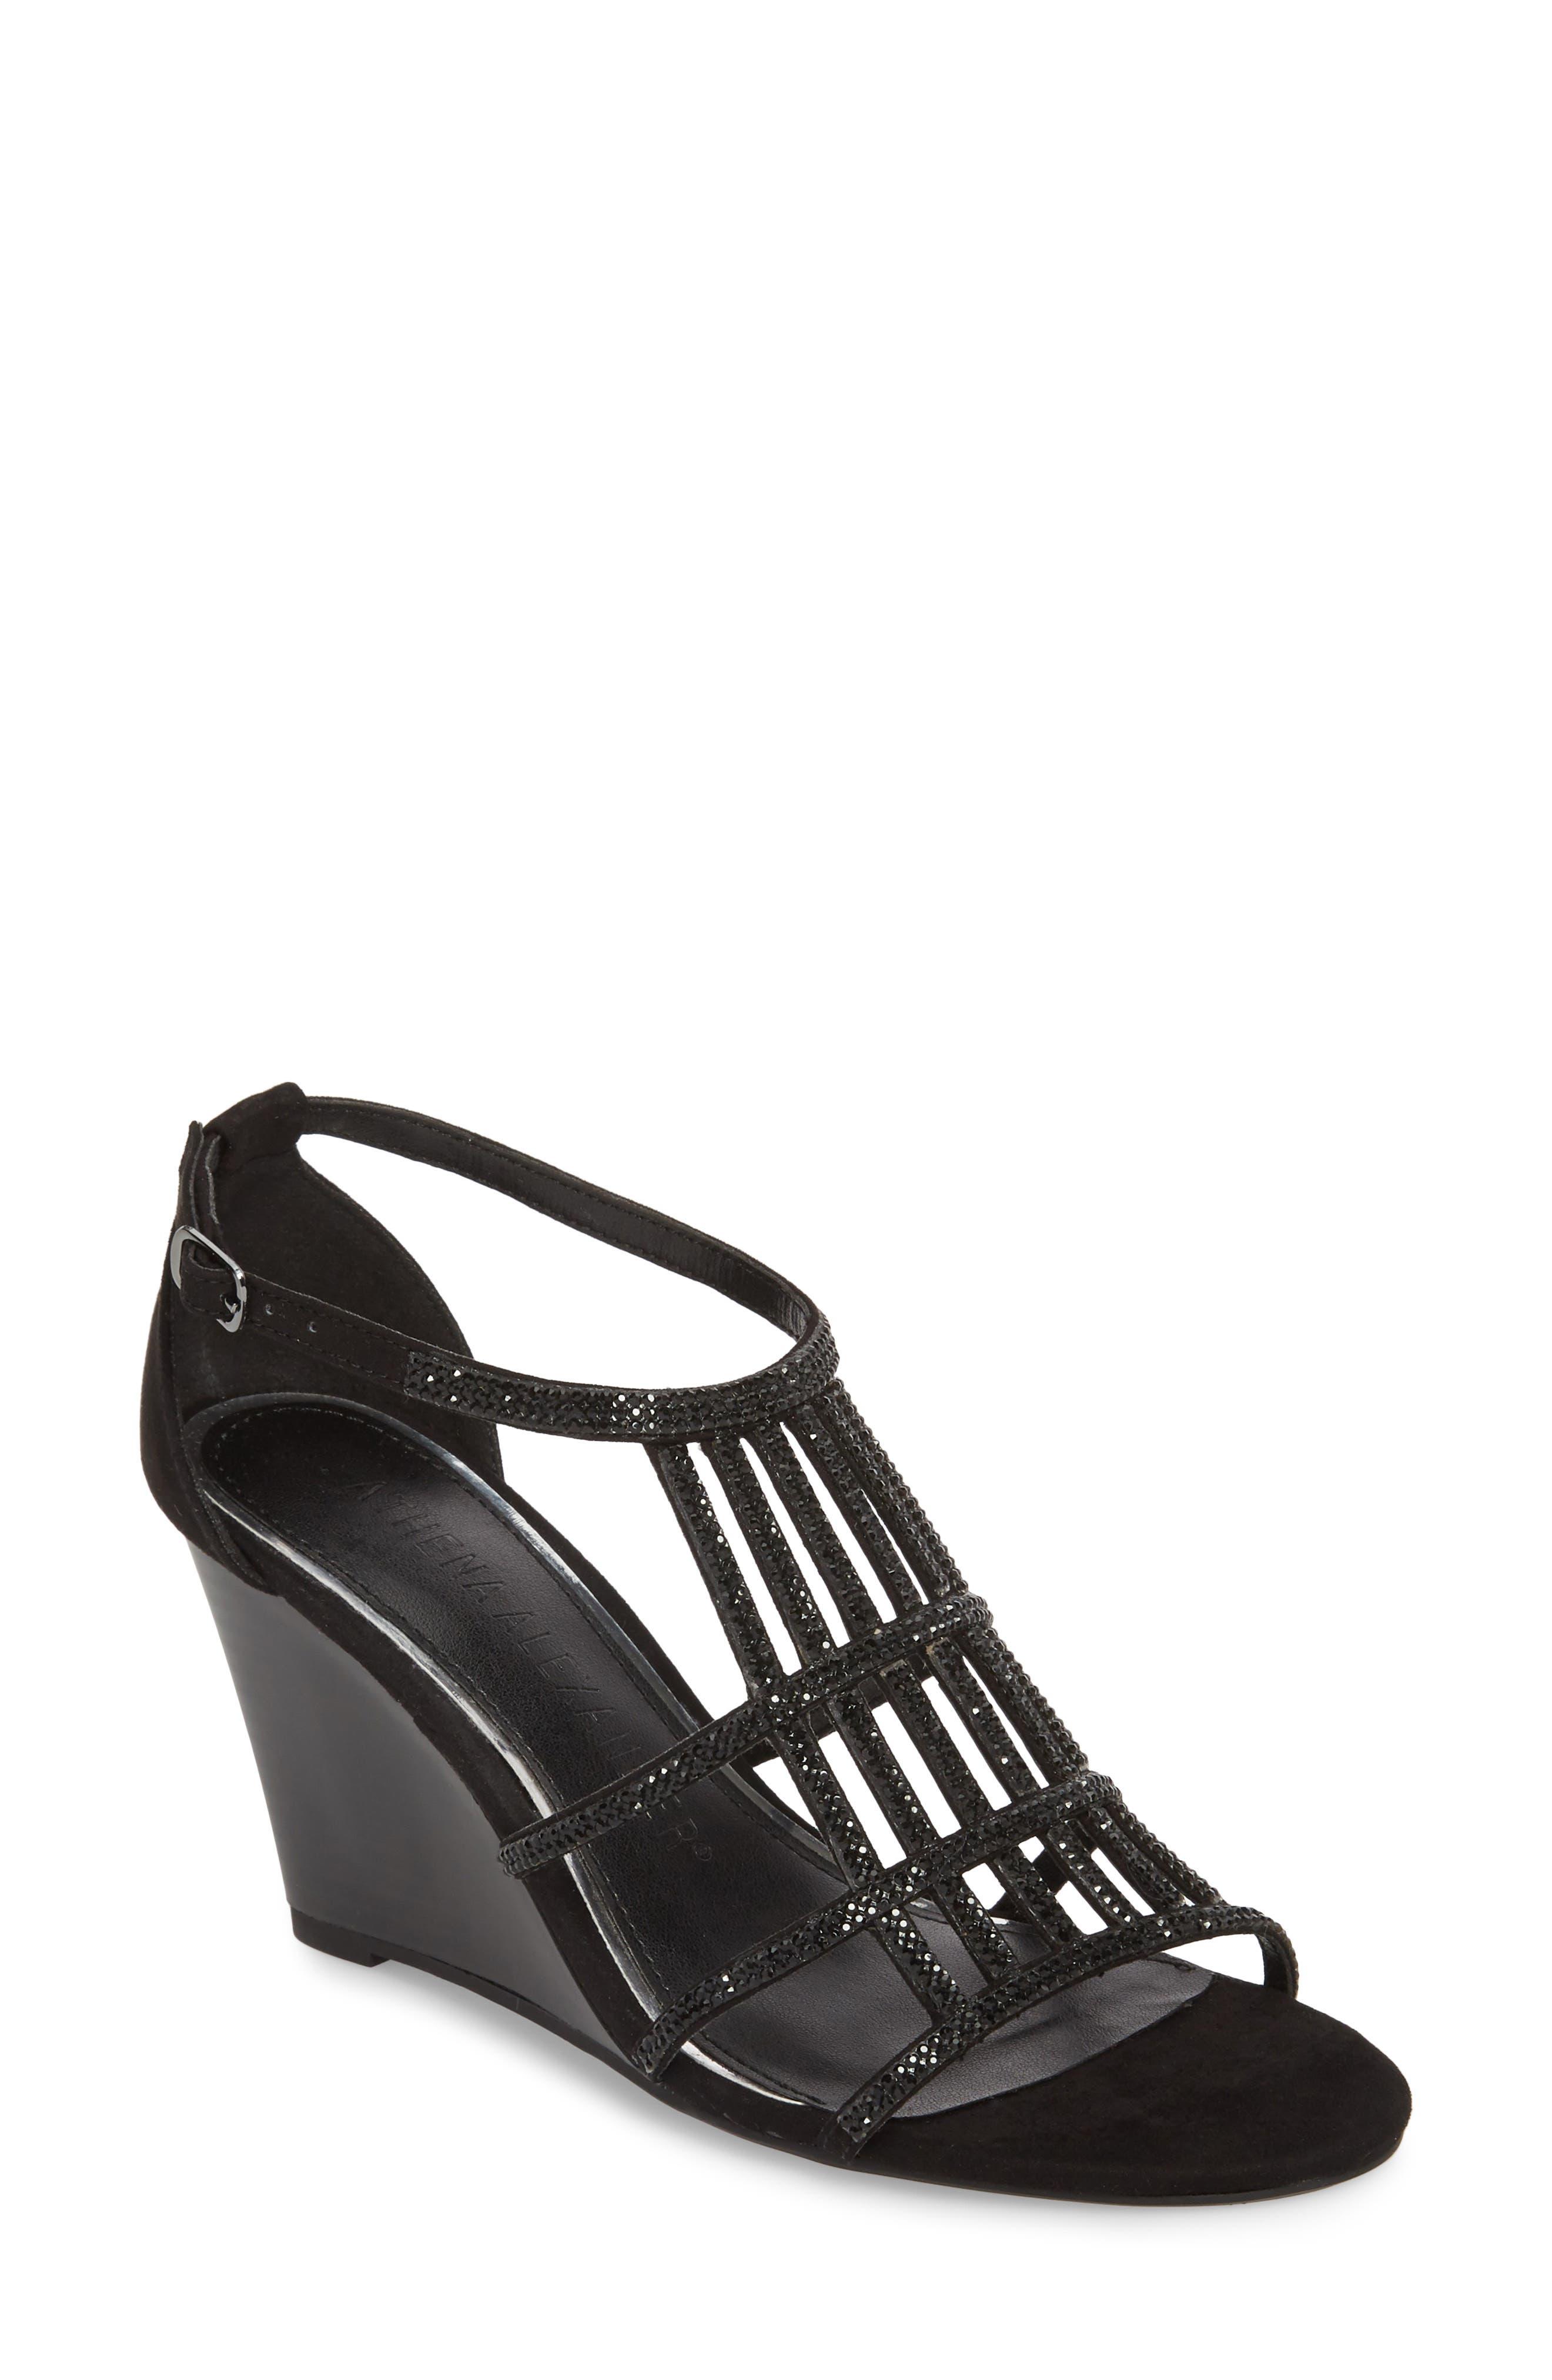 Hampton Crystal Embellished Wedge Sandal,                         Main,                         color, BLACK SUEDE